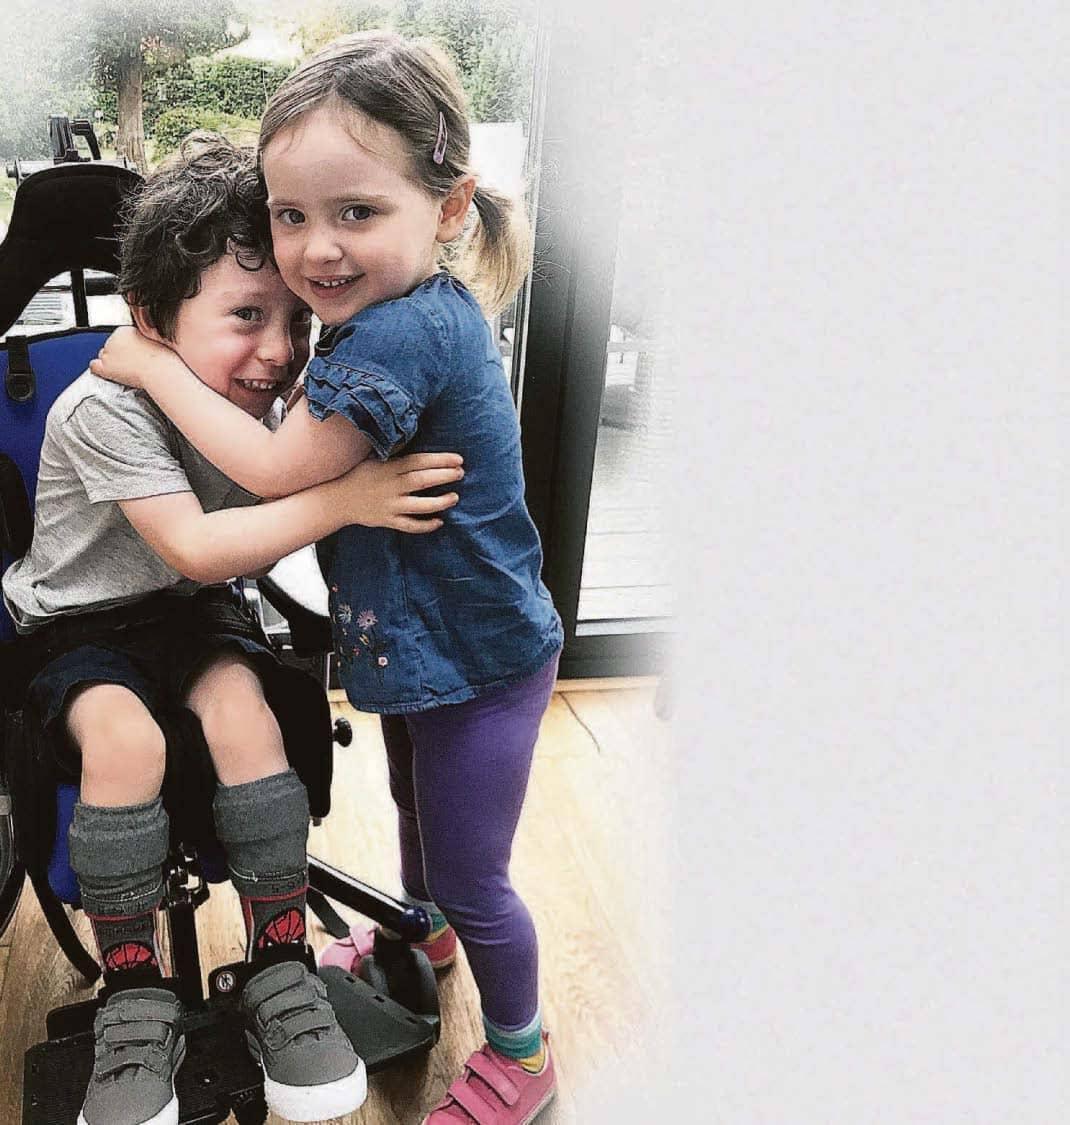 Eva, 3, In Marathon Bid To Help Twin Walk